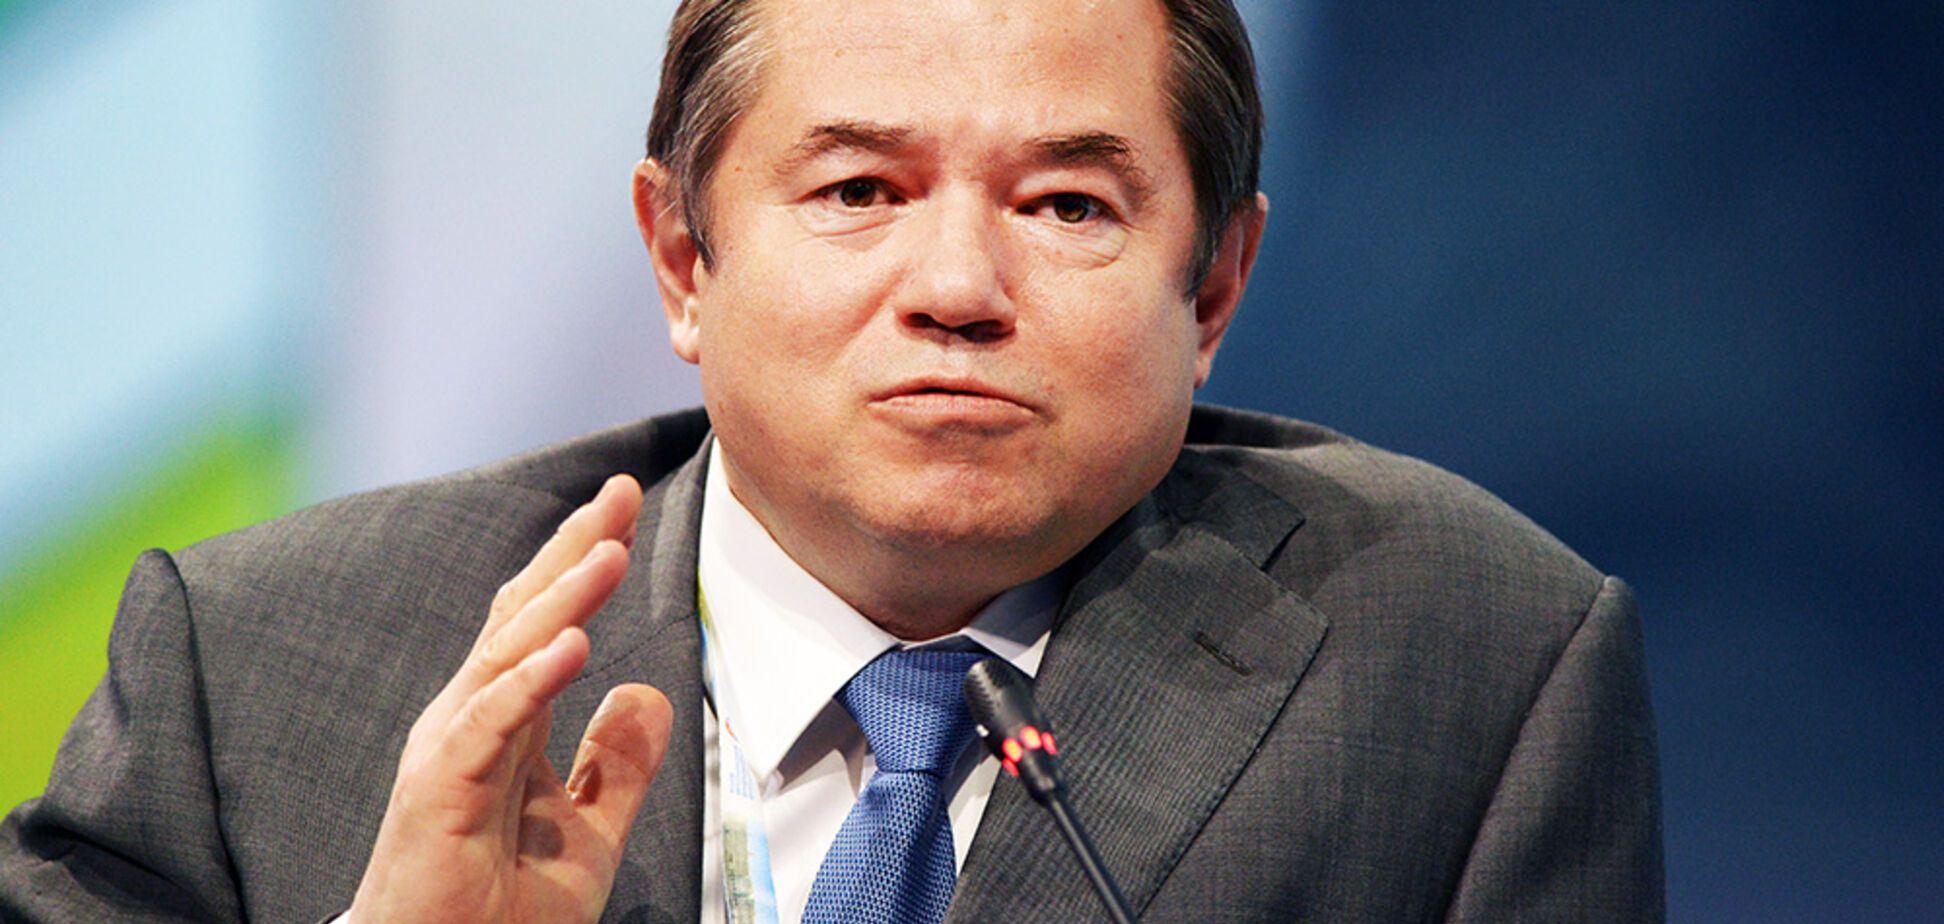 'Януковича убрать – первая задача': в сеть 'слили' скандальную прослушку советника Путина